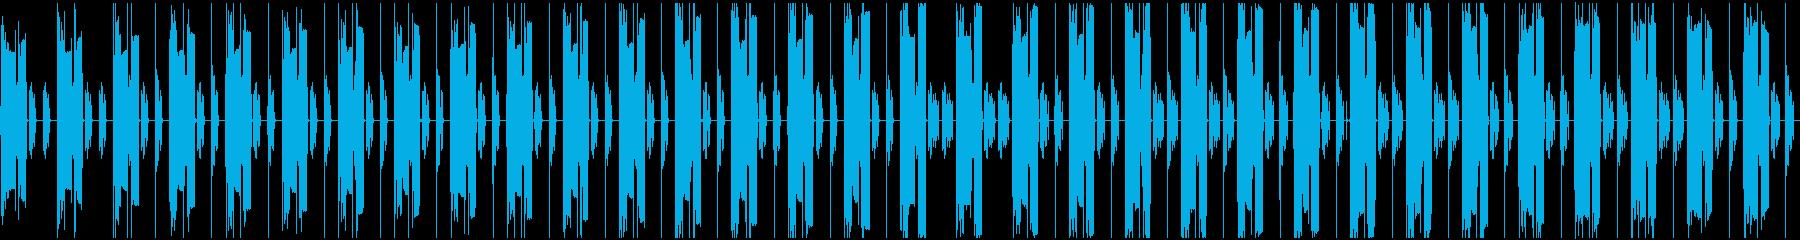 暗い曲で、繰り返しが多い単純な曲ですの再生済みの波形